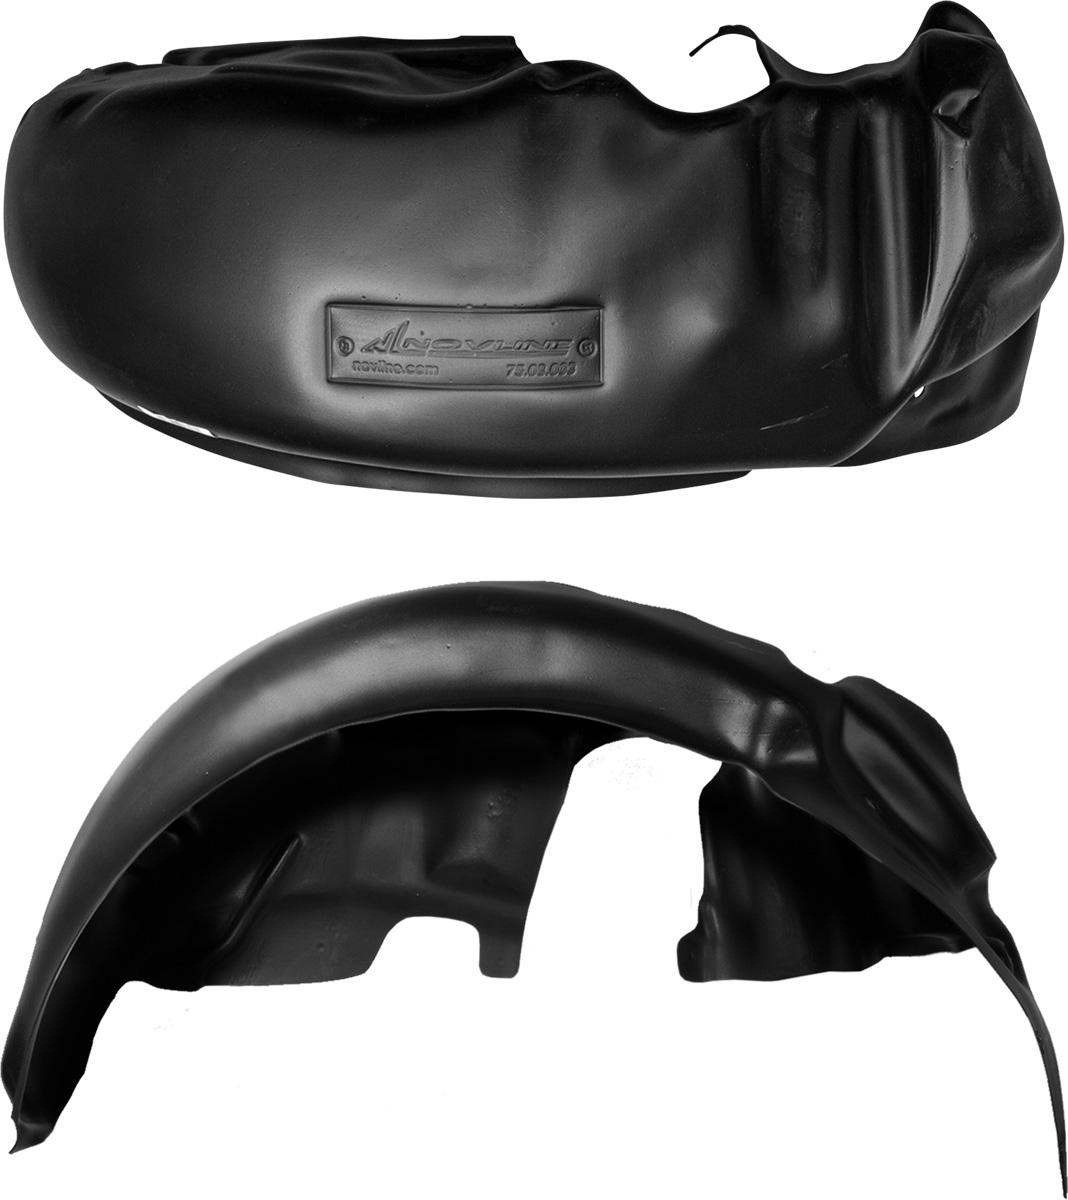 Подкрылок LIFAN X-60, 2012->, передний правыйNLL.73.04.002Колесные ниши – одни из самых уязвимых зон днища вашего автомобиля. Они постоянно подвергаются воздействию со стороны дороги. Лучшая, почти абсолютная защита для них - специально отформованные пластиковые кожухи, которые называются подкрылками, или локерами. Производятся они как для отечественных моделей автомобилей, так и для иномарок. Подкрылки выполнены из высококачественного, экологически чистого пластика. Обеспечивают надежную защиту кузова автомобиля от пескоструйного эффекта и негативного влияния, агрессивных антигололедных реагентов. Пластик обладает более низкой теплопроводностью, чем металл, поэтому в зимний период эксплуатации использование пластиковых подкрылков позволяет лучше защитить колесные ниши от налипания снега и образования наледи. Оригинальность конструкции подчеркивает элегантность автомобиля, бережно защищает нанесенное на днище кузова антикоррозийное покрытие и позволяет осуществить крепление подкрылков внутри колесной арки практически без дополнительного...